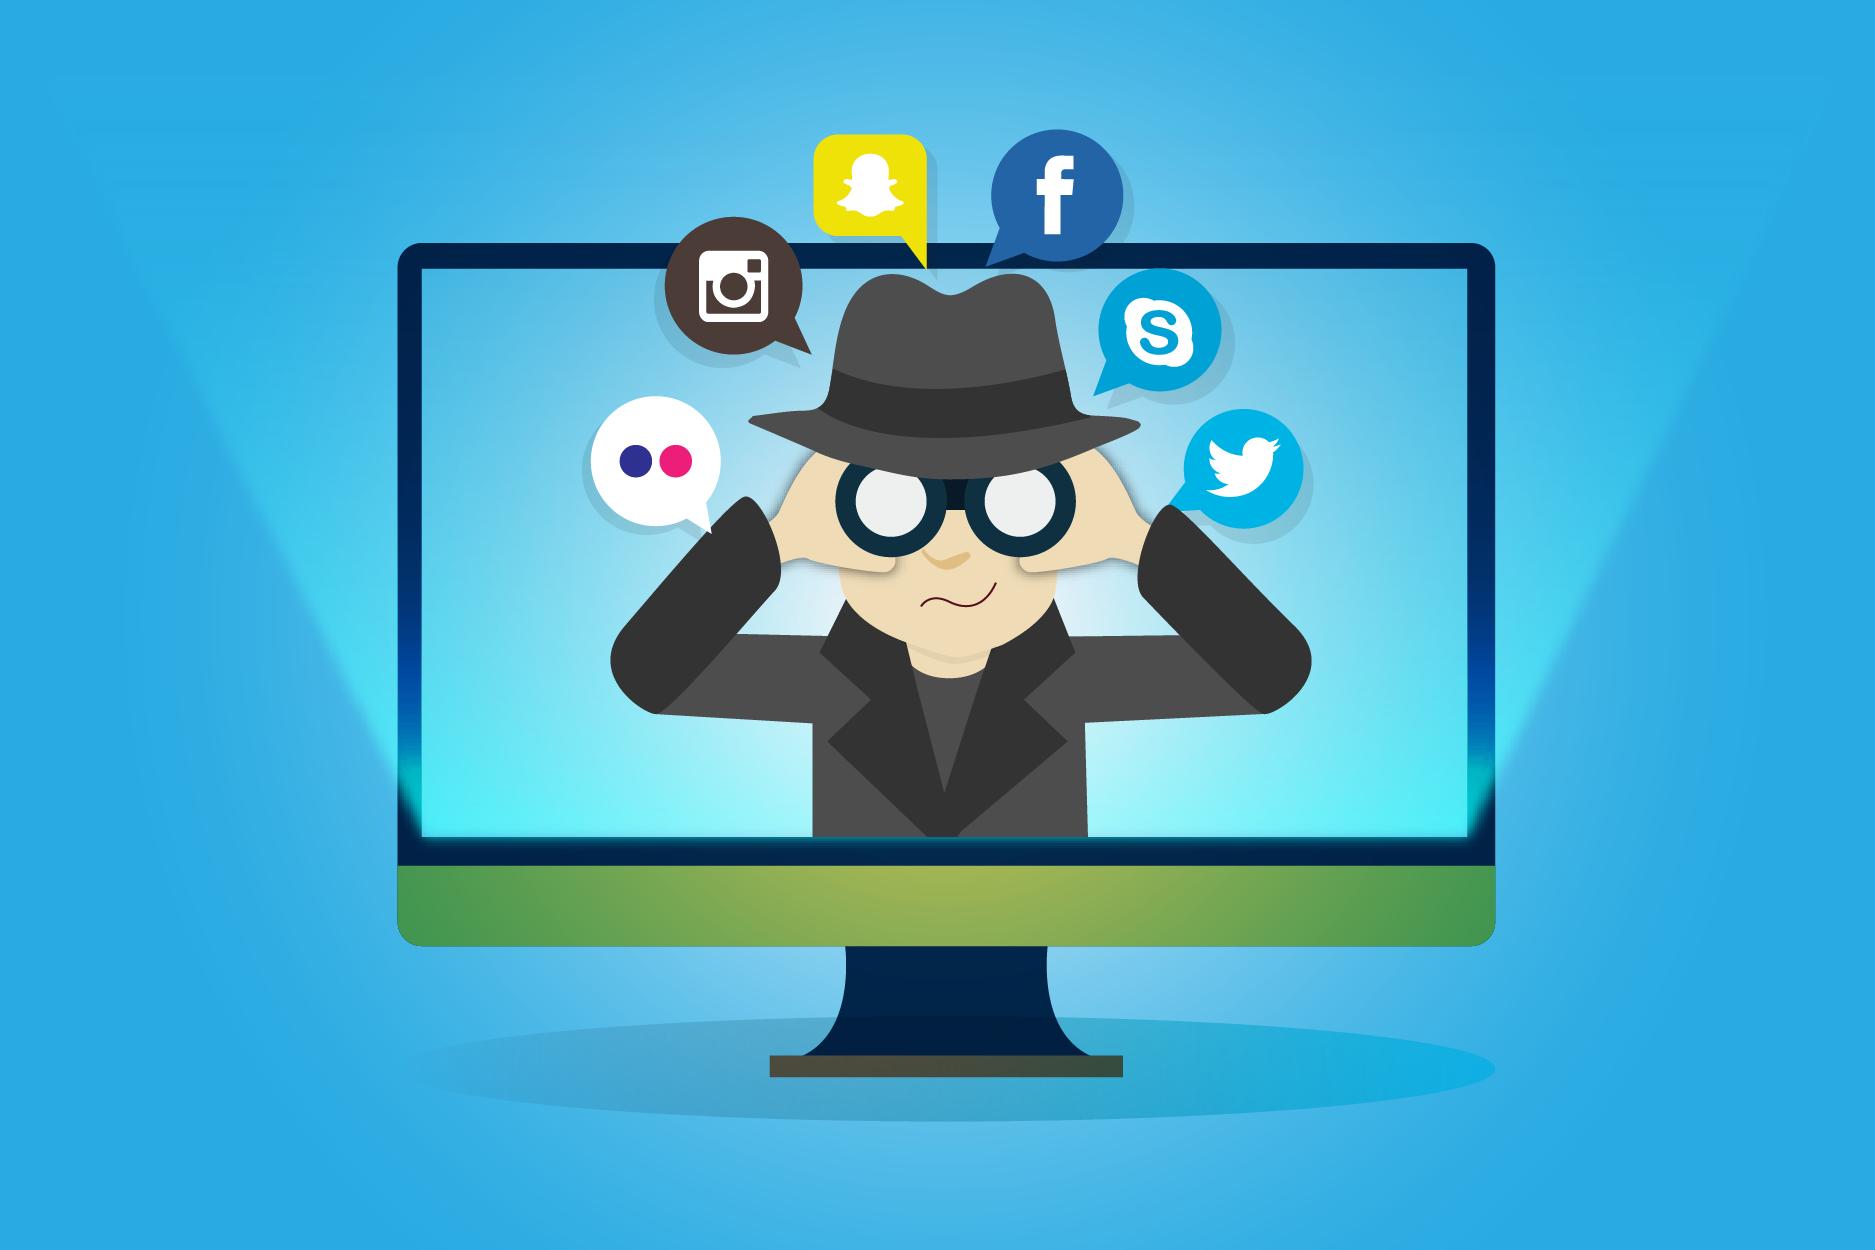 El cyberstalking se da en redes sociales como Facebook, Instagram o Twitter.